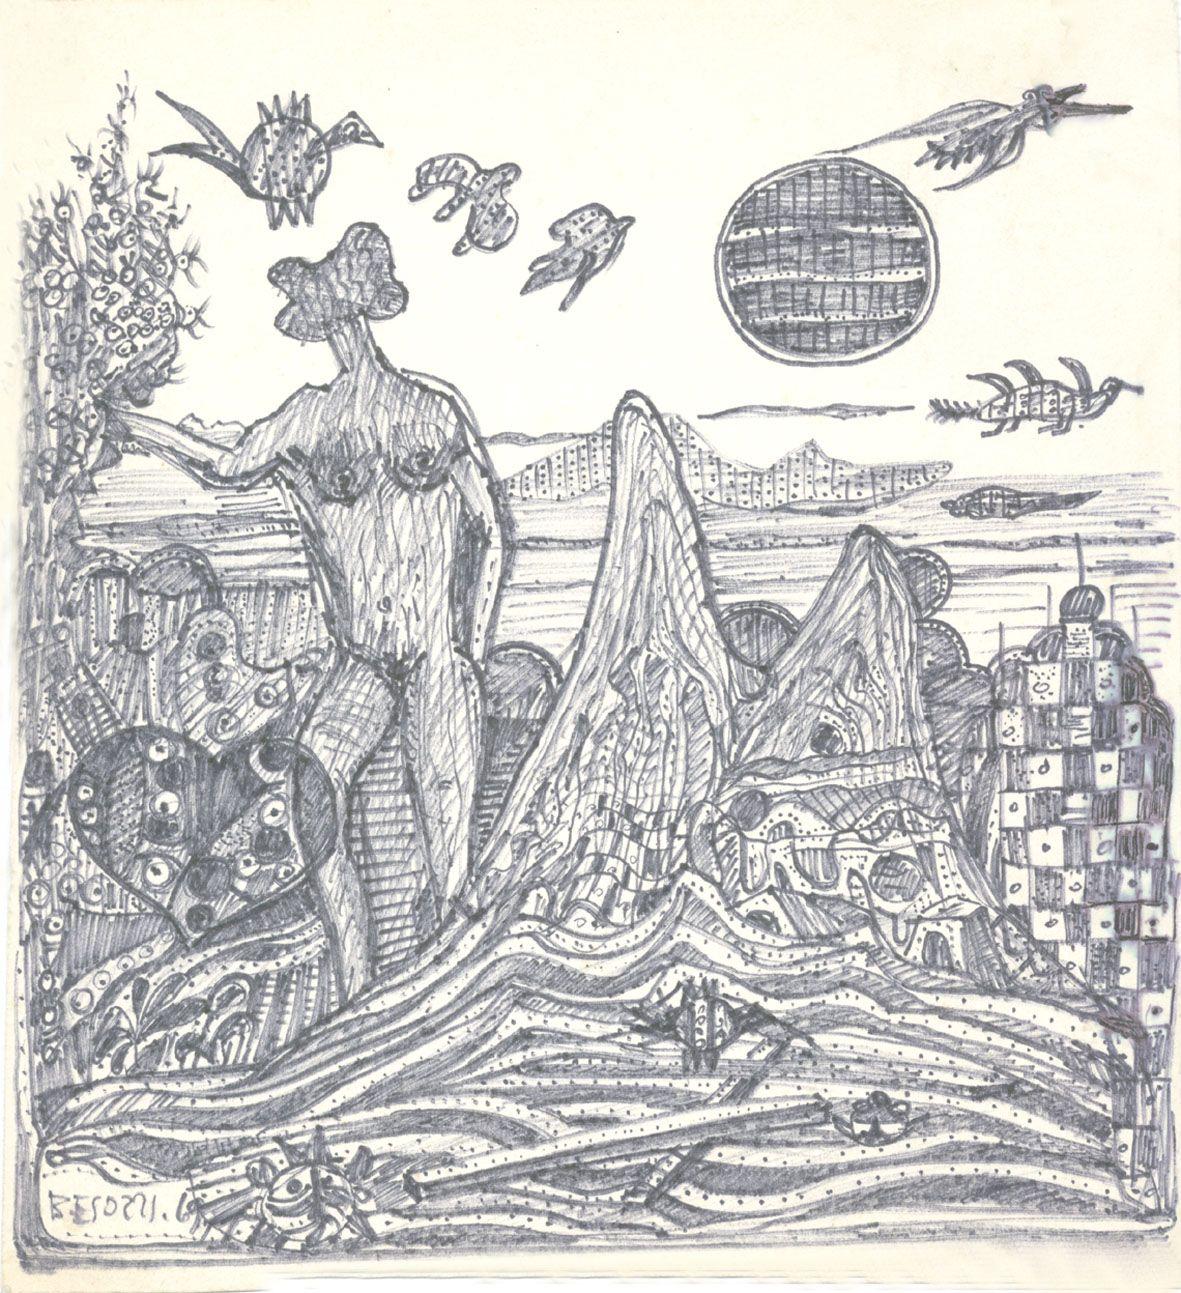 E. Besozzi pitt. 1969 Paesaggio extraterrestre pennarello su carta cm. 22,5x20,5 arc. 679